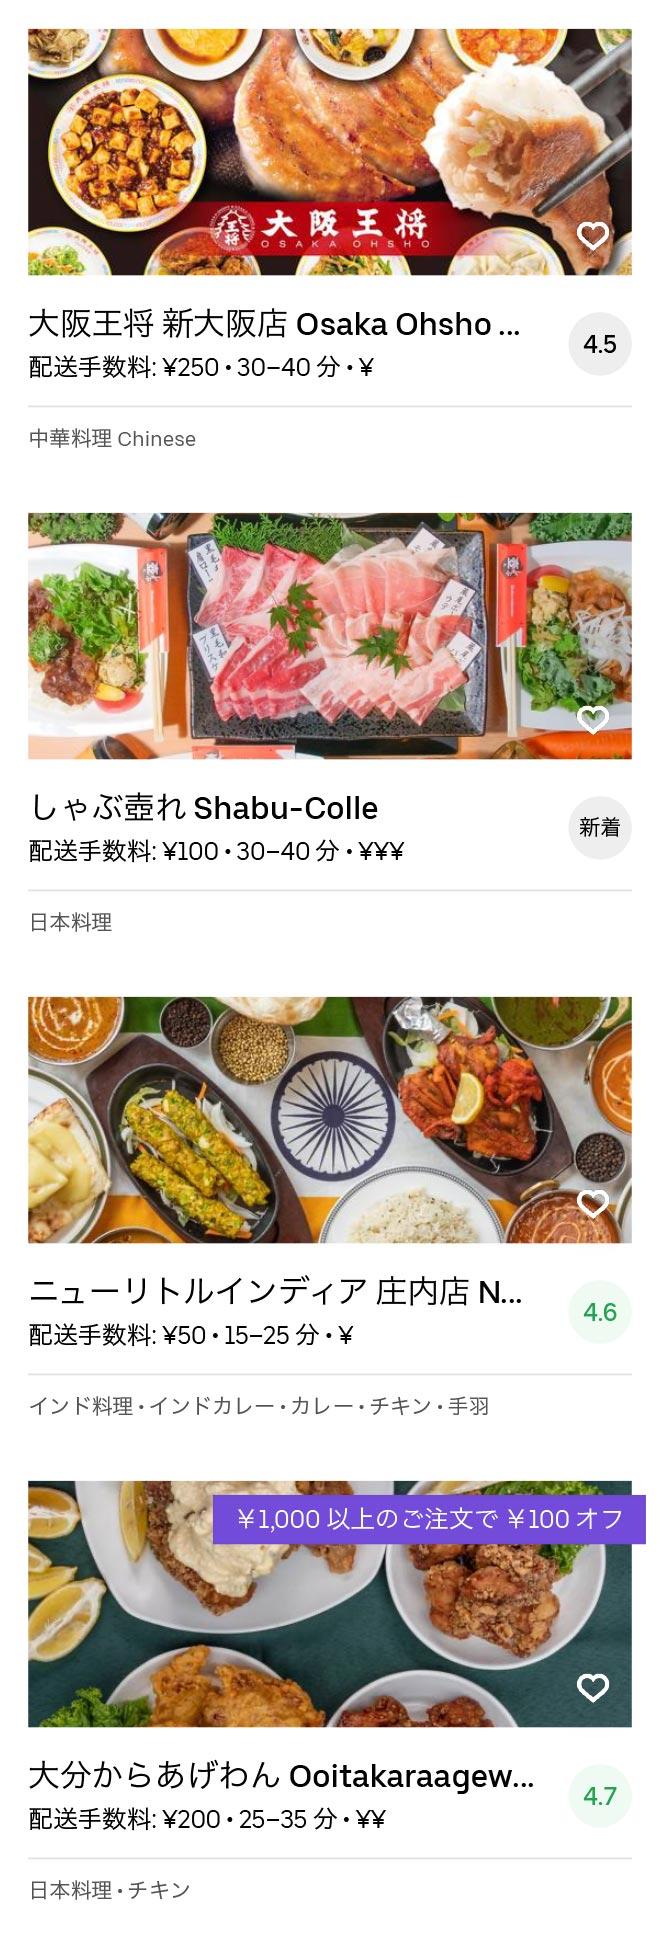 Toyonaka shounai menu 2005 07